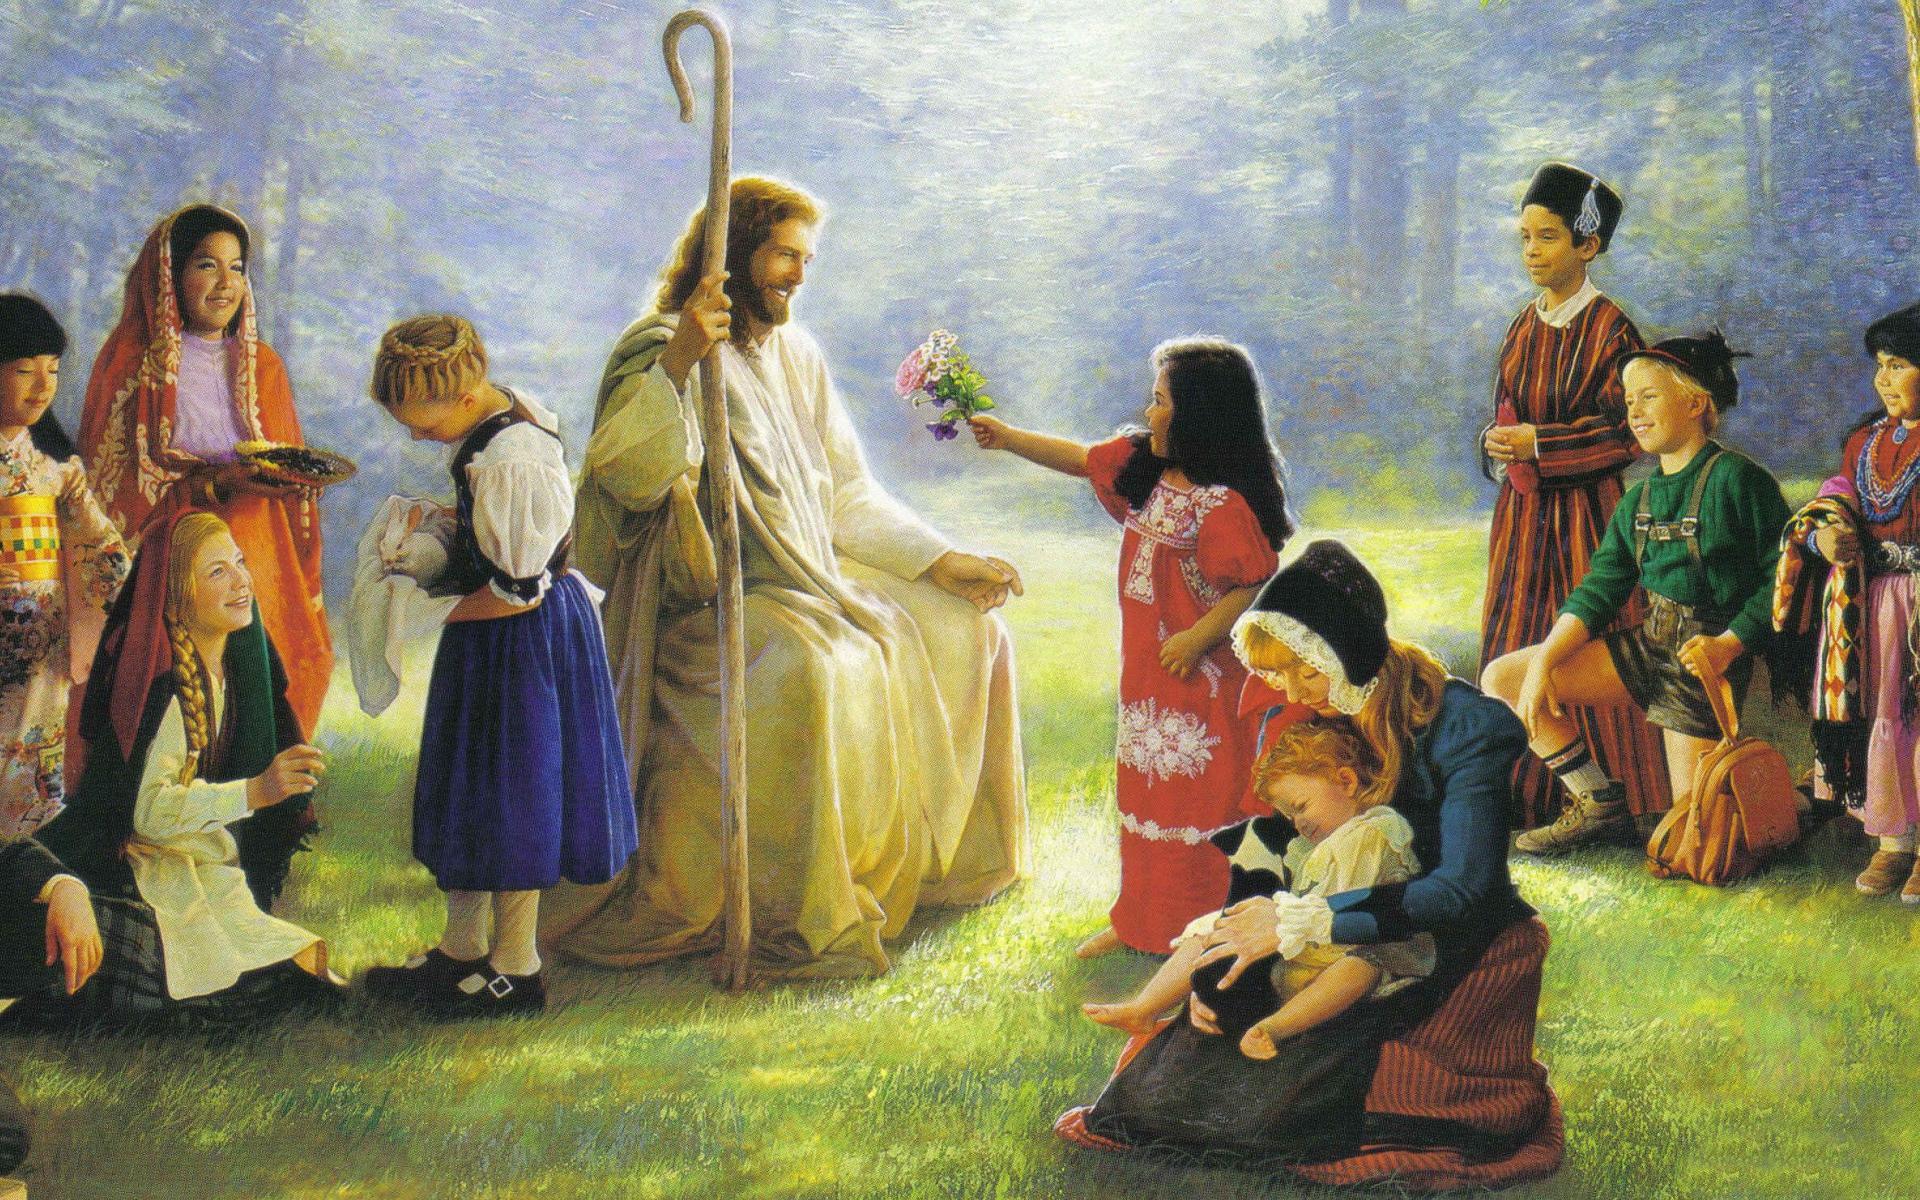 wallpaper of jesus christ and children computer desktop wallpaper 1920x1200